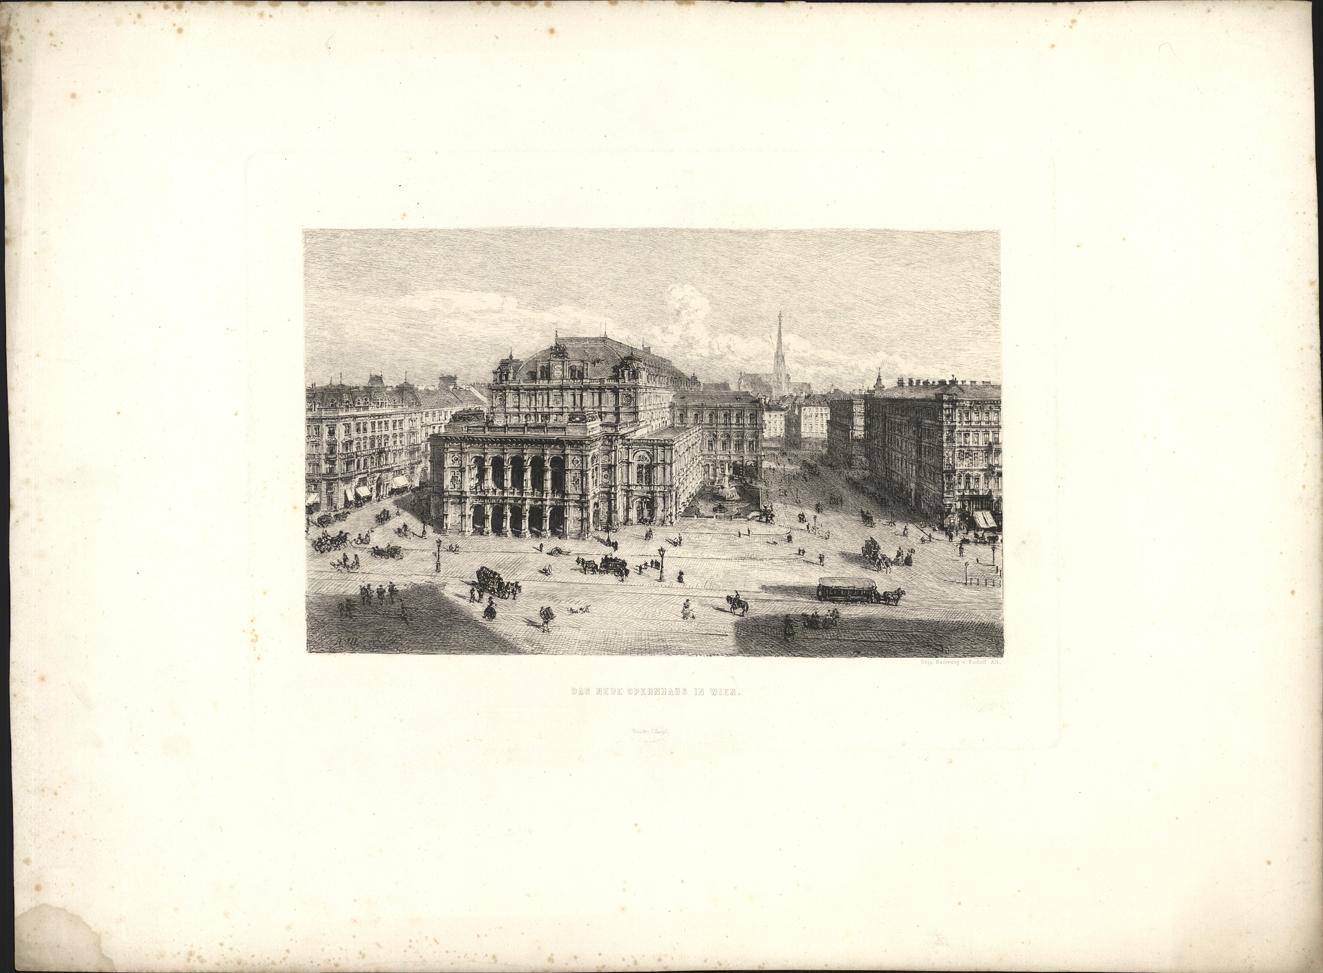 Das neue Opernhaus in Wien